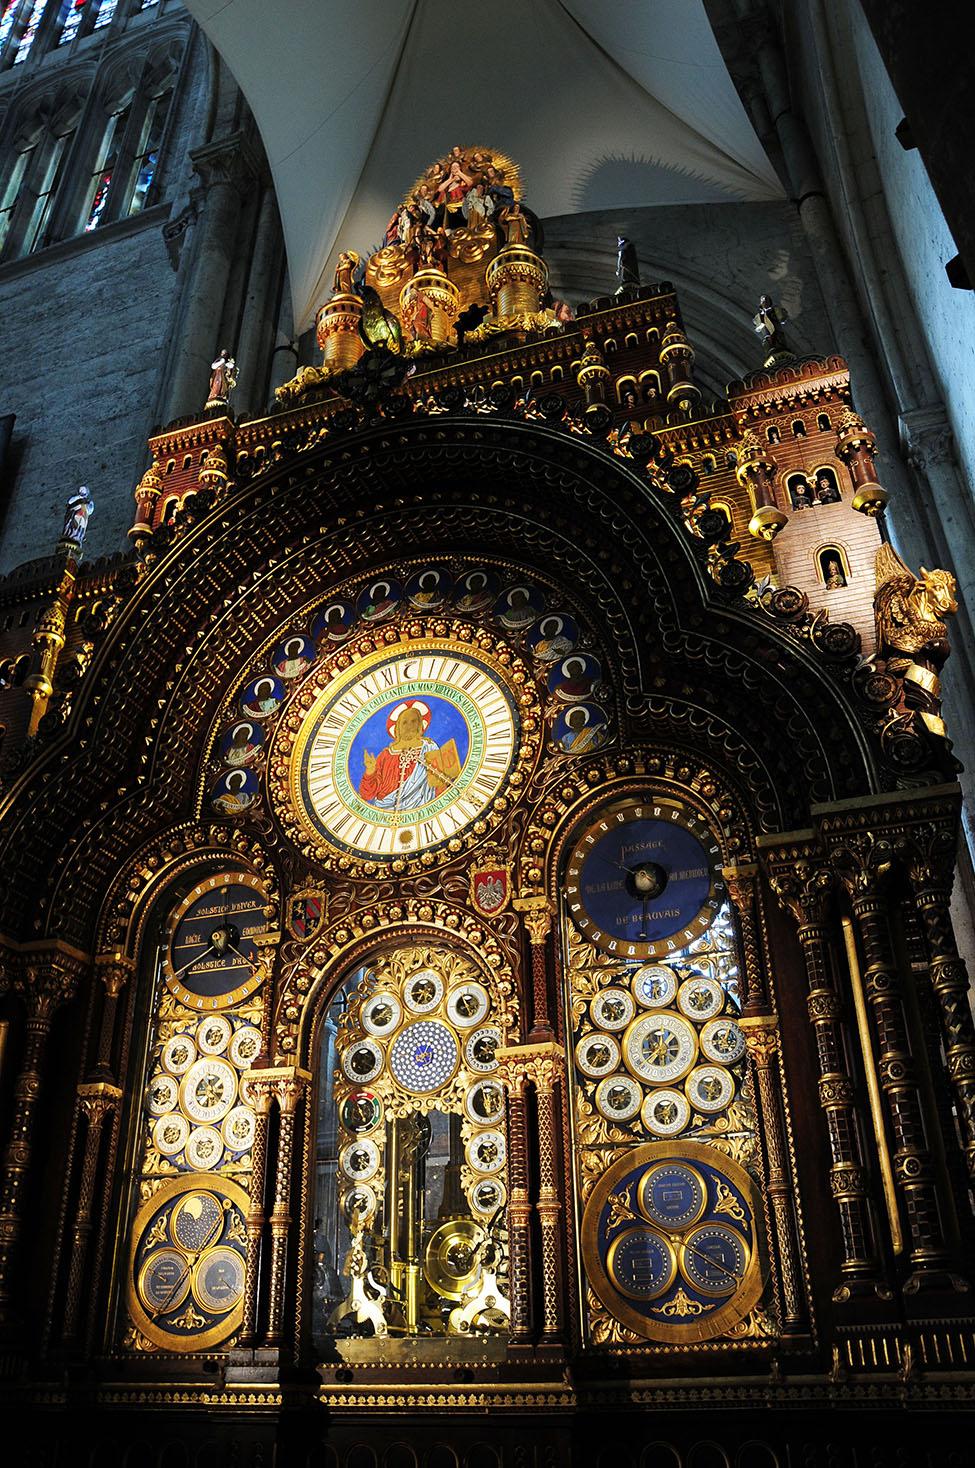 choses à faire dans l'oise: cathédrale et horloge astronomique de beauvais